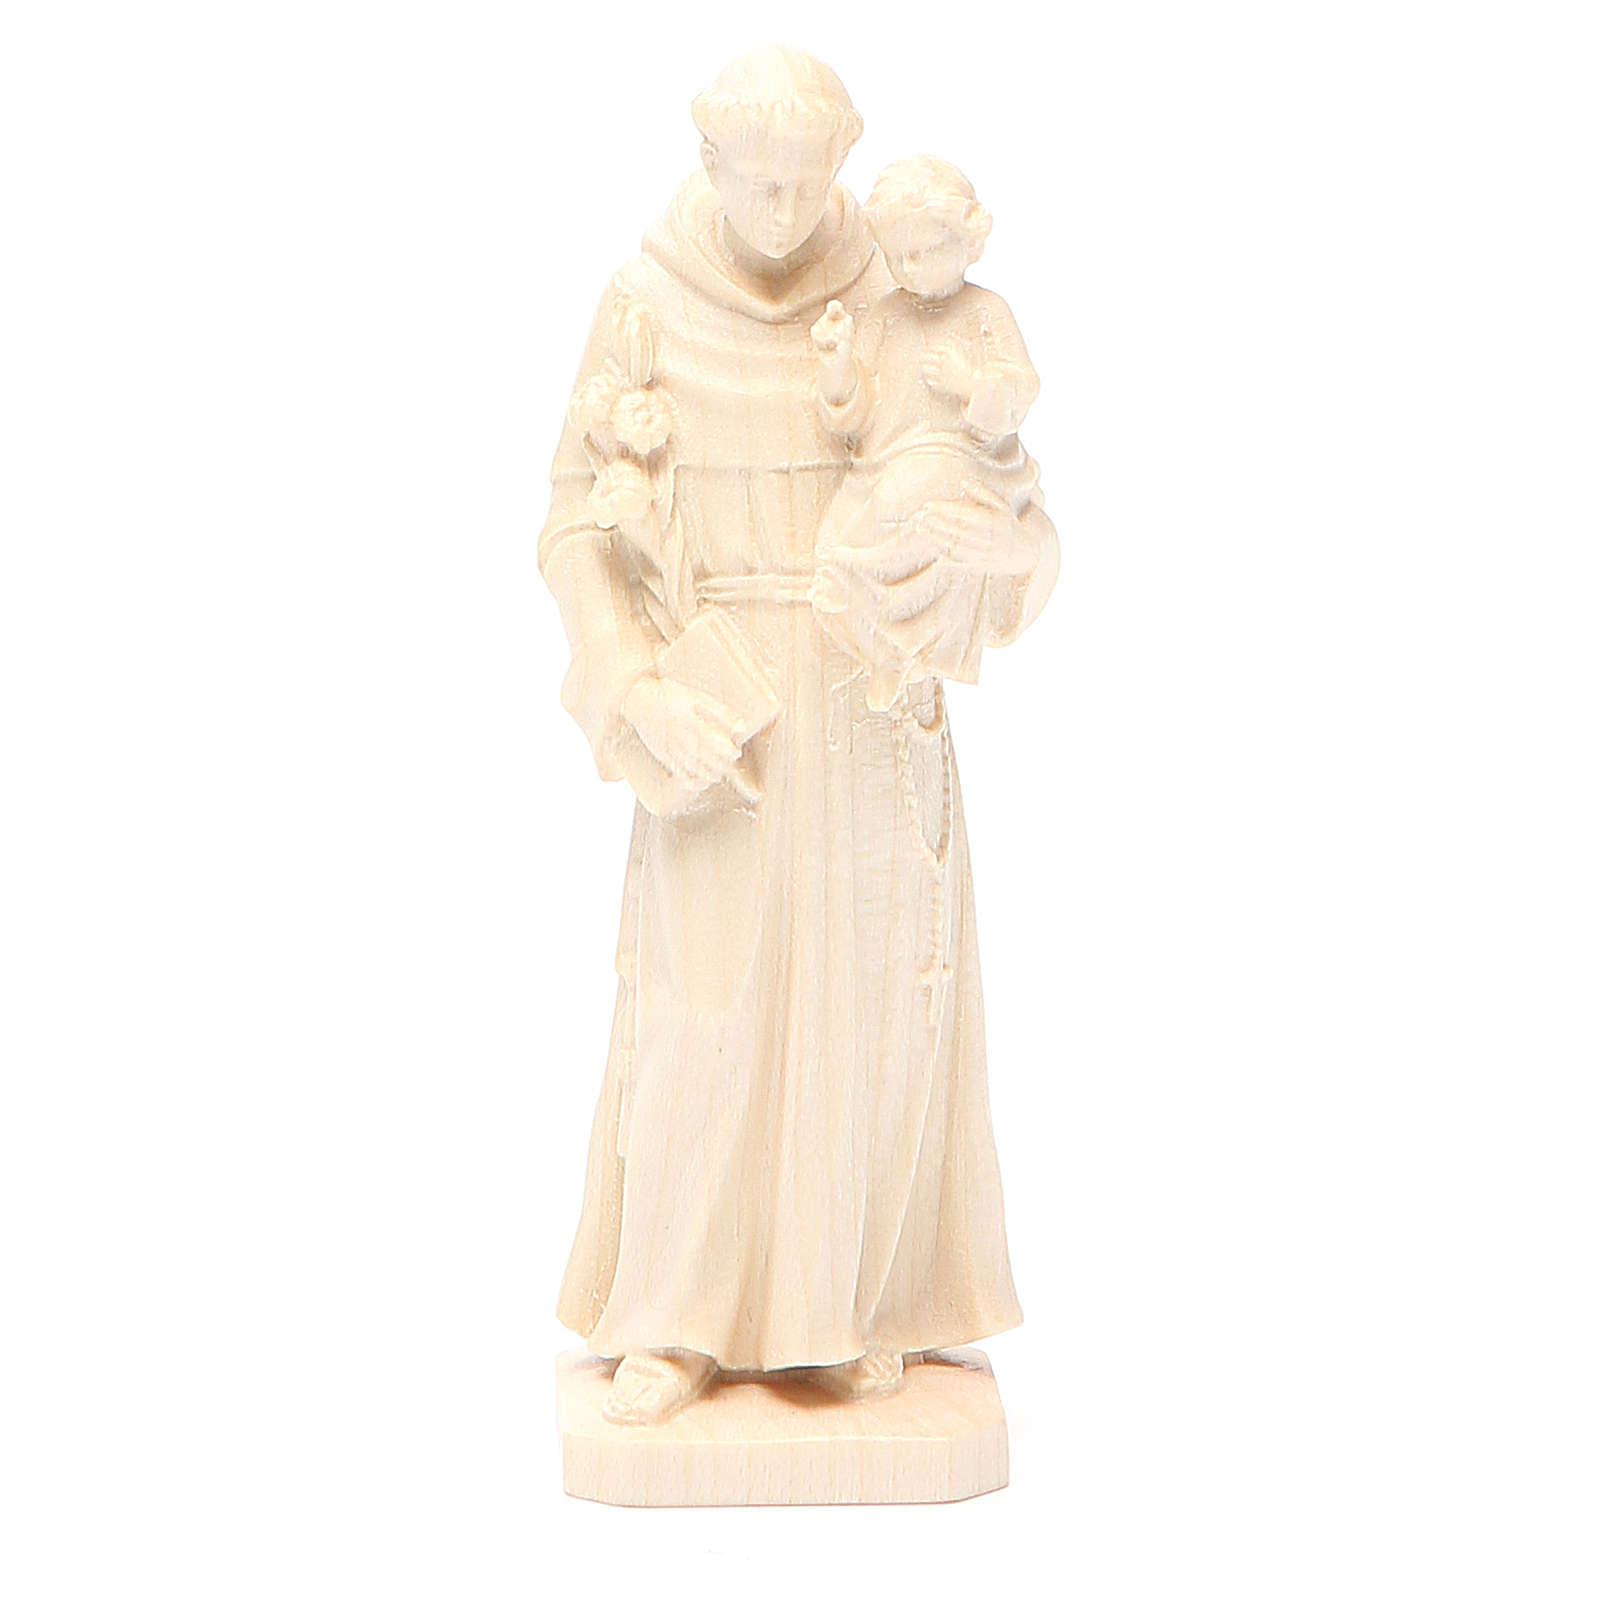 Sant'Antonio con bimbo legno Valgardena naturale cerato 4